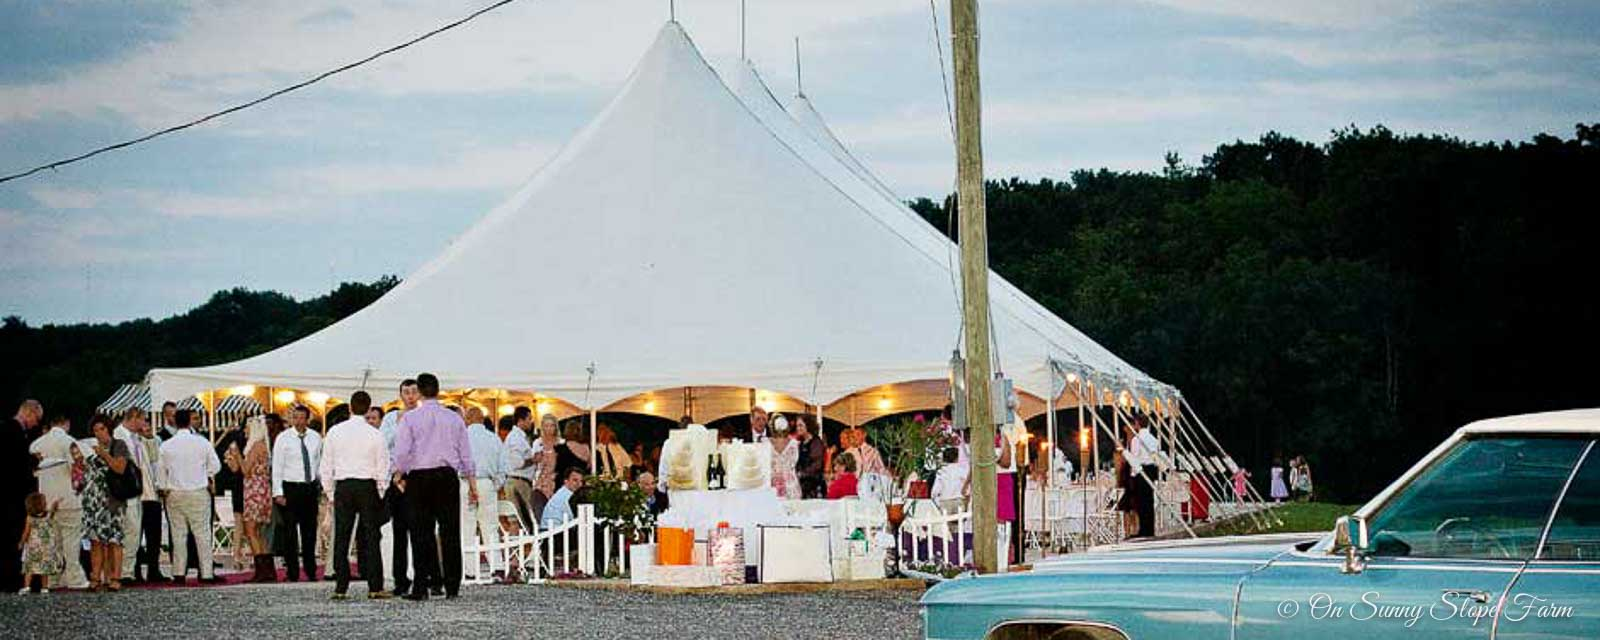 Weddings_On_Sunny_Slope_Farm-1-3